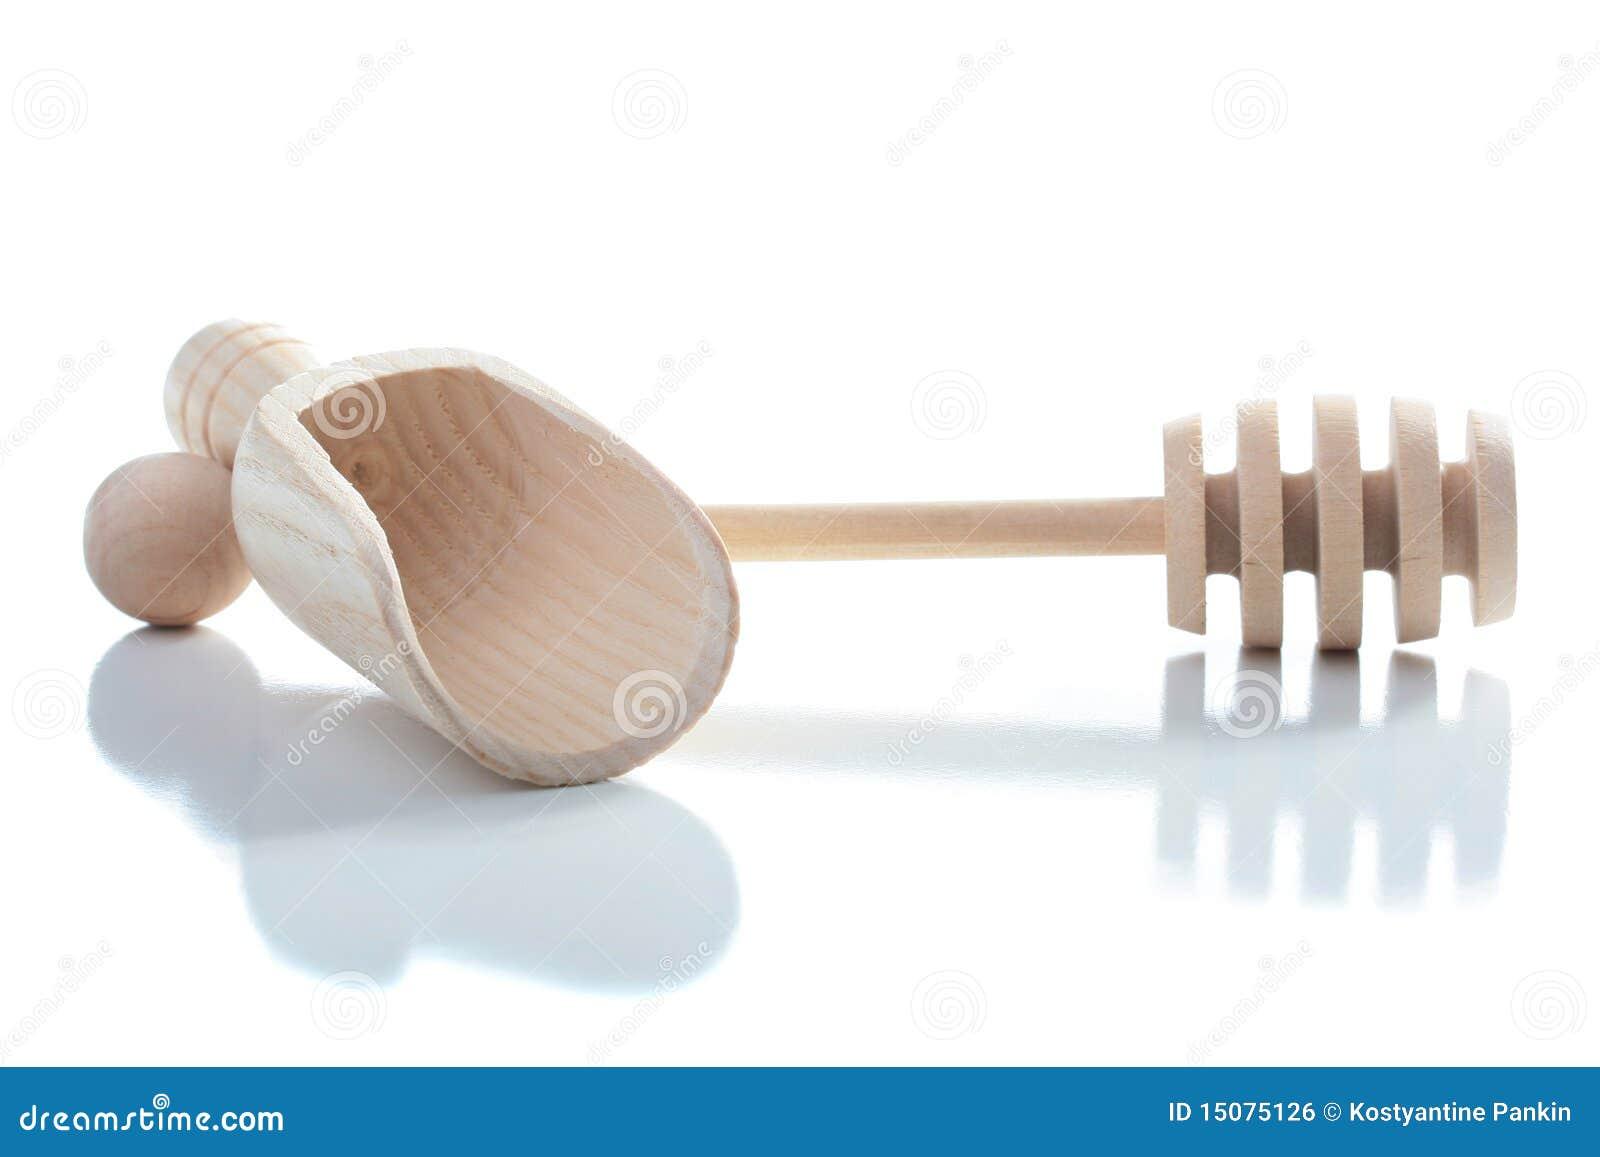 Strumenti di legno per la cucina fotografia stock for Strumenti di cucina